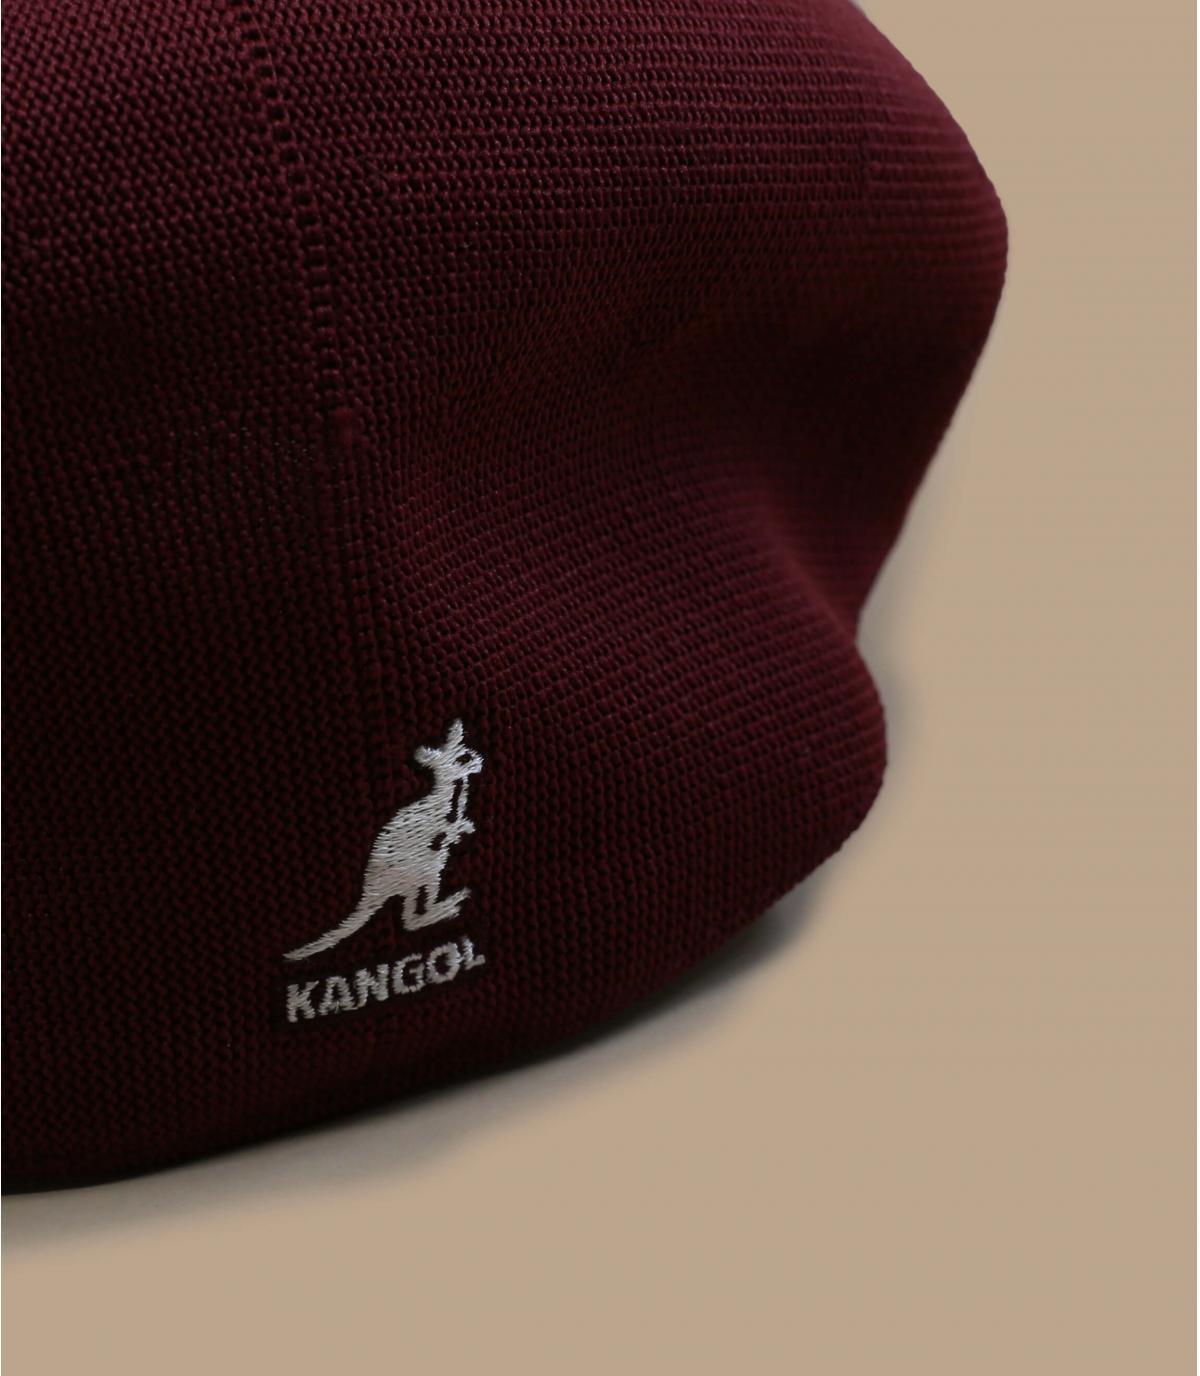 béret bordeaux Kangol